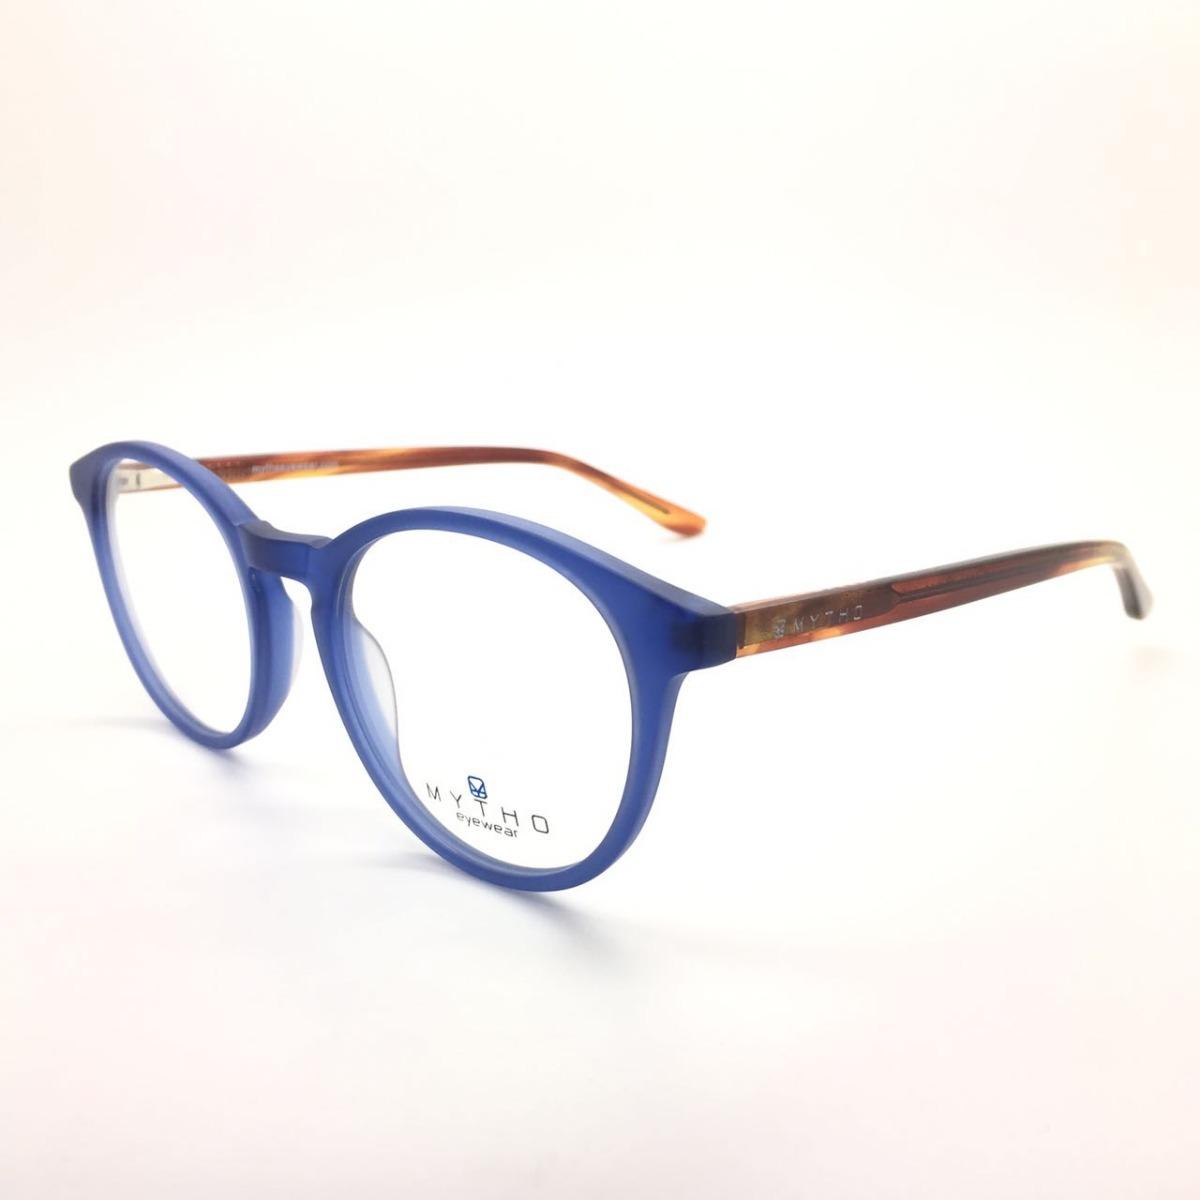 1b5d24718d Lente Armazon Gafas Dama Caballero Mytho 9024 - $ 2.950,00 en ...